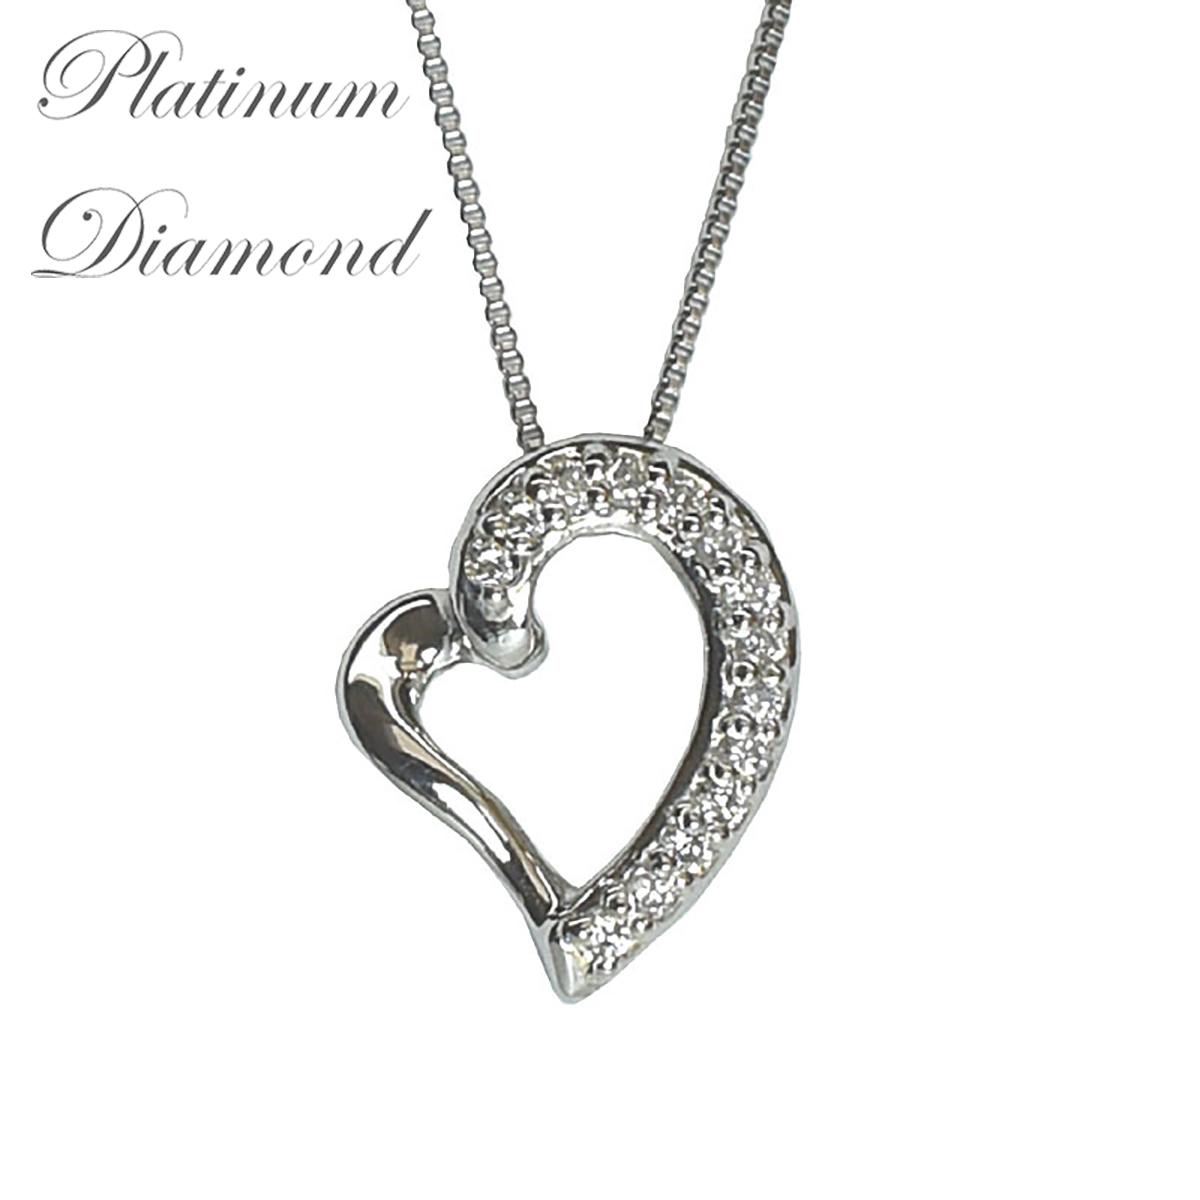 【ネックレス ダイヤネックレス ダイヤ ダイヤモンド プラチナダイヤ ジュエリー PT PT. 0.07ct ハートモチーフ 記念日 誕生日 プレゼント 可愛い かわいい 母の日】